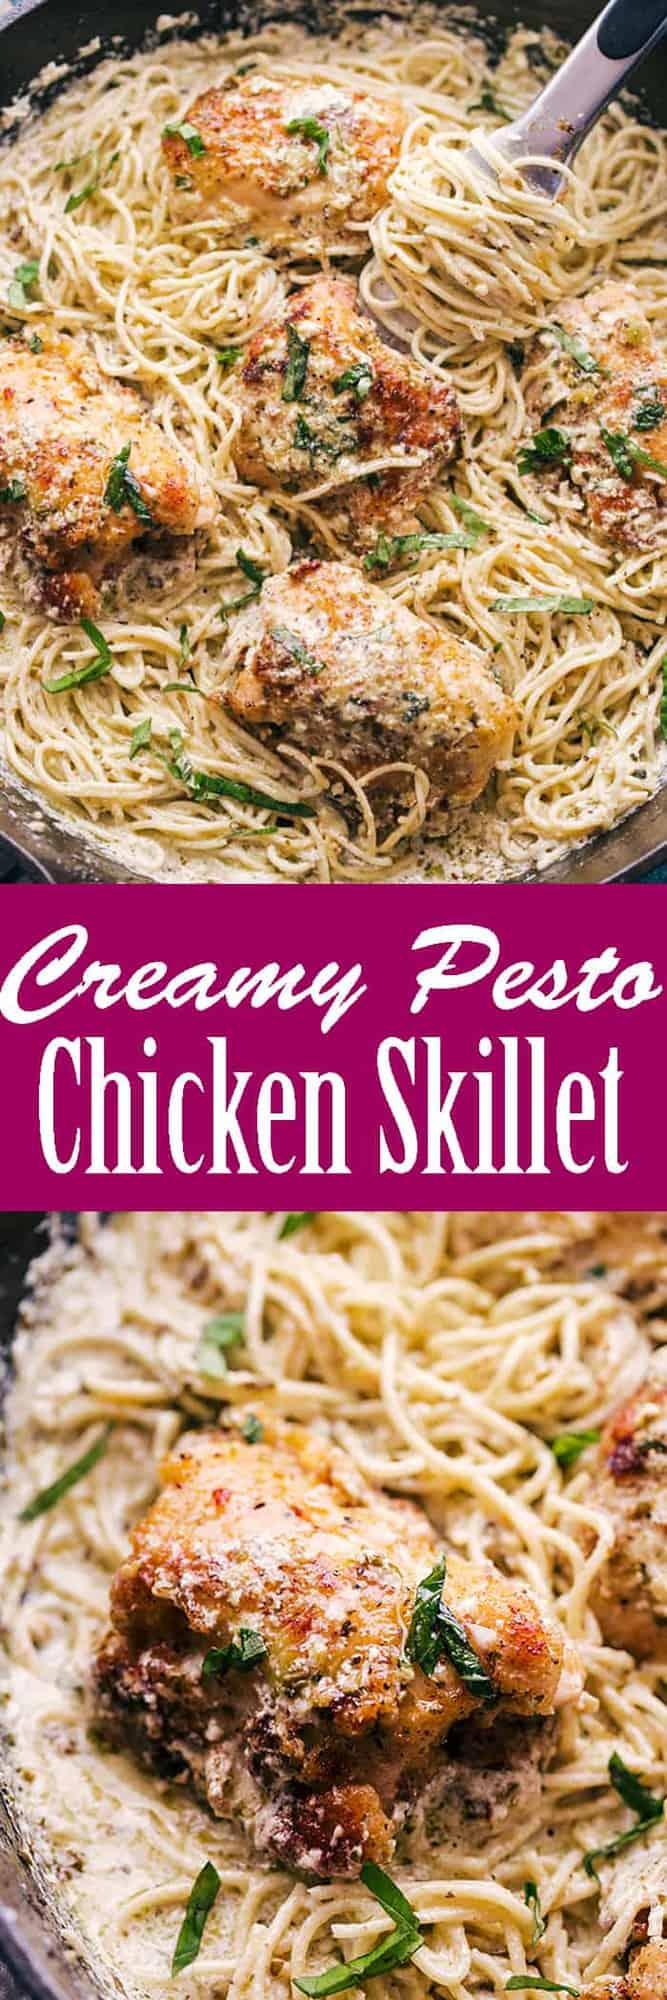 Creamy Pesto Chicken Skillet pinterest